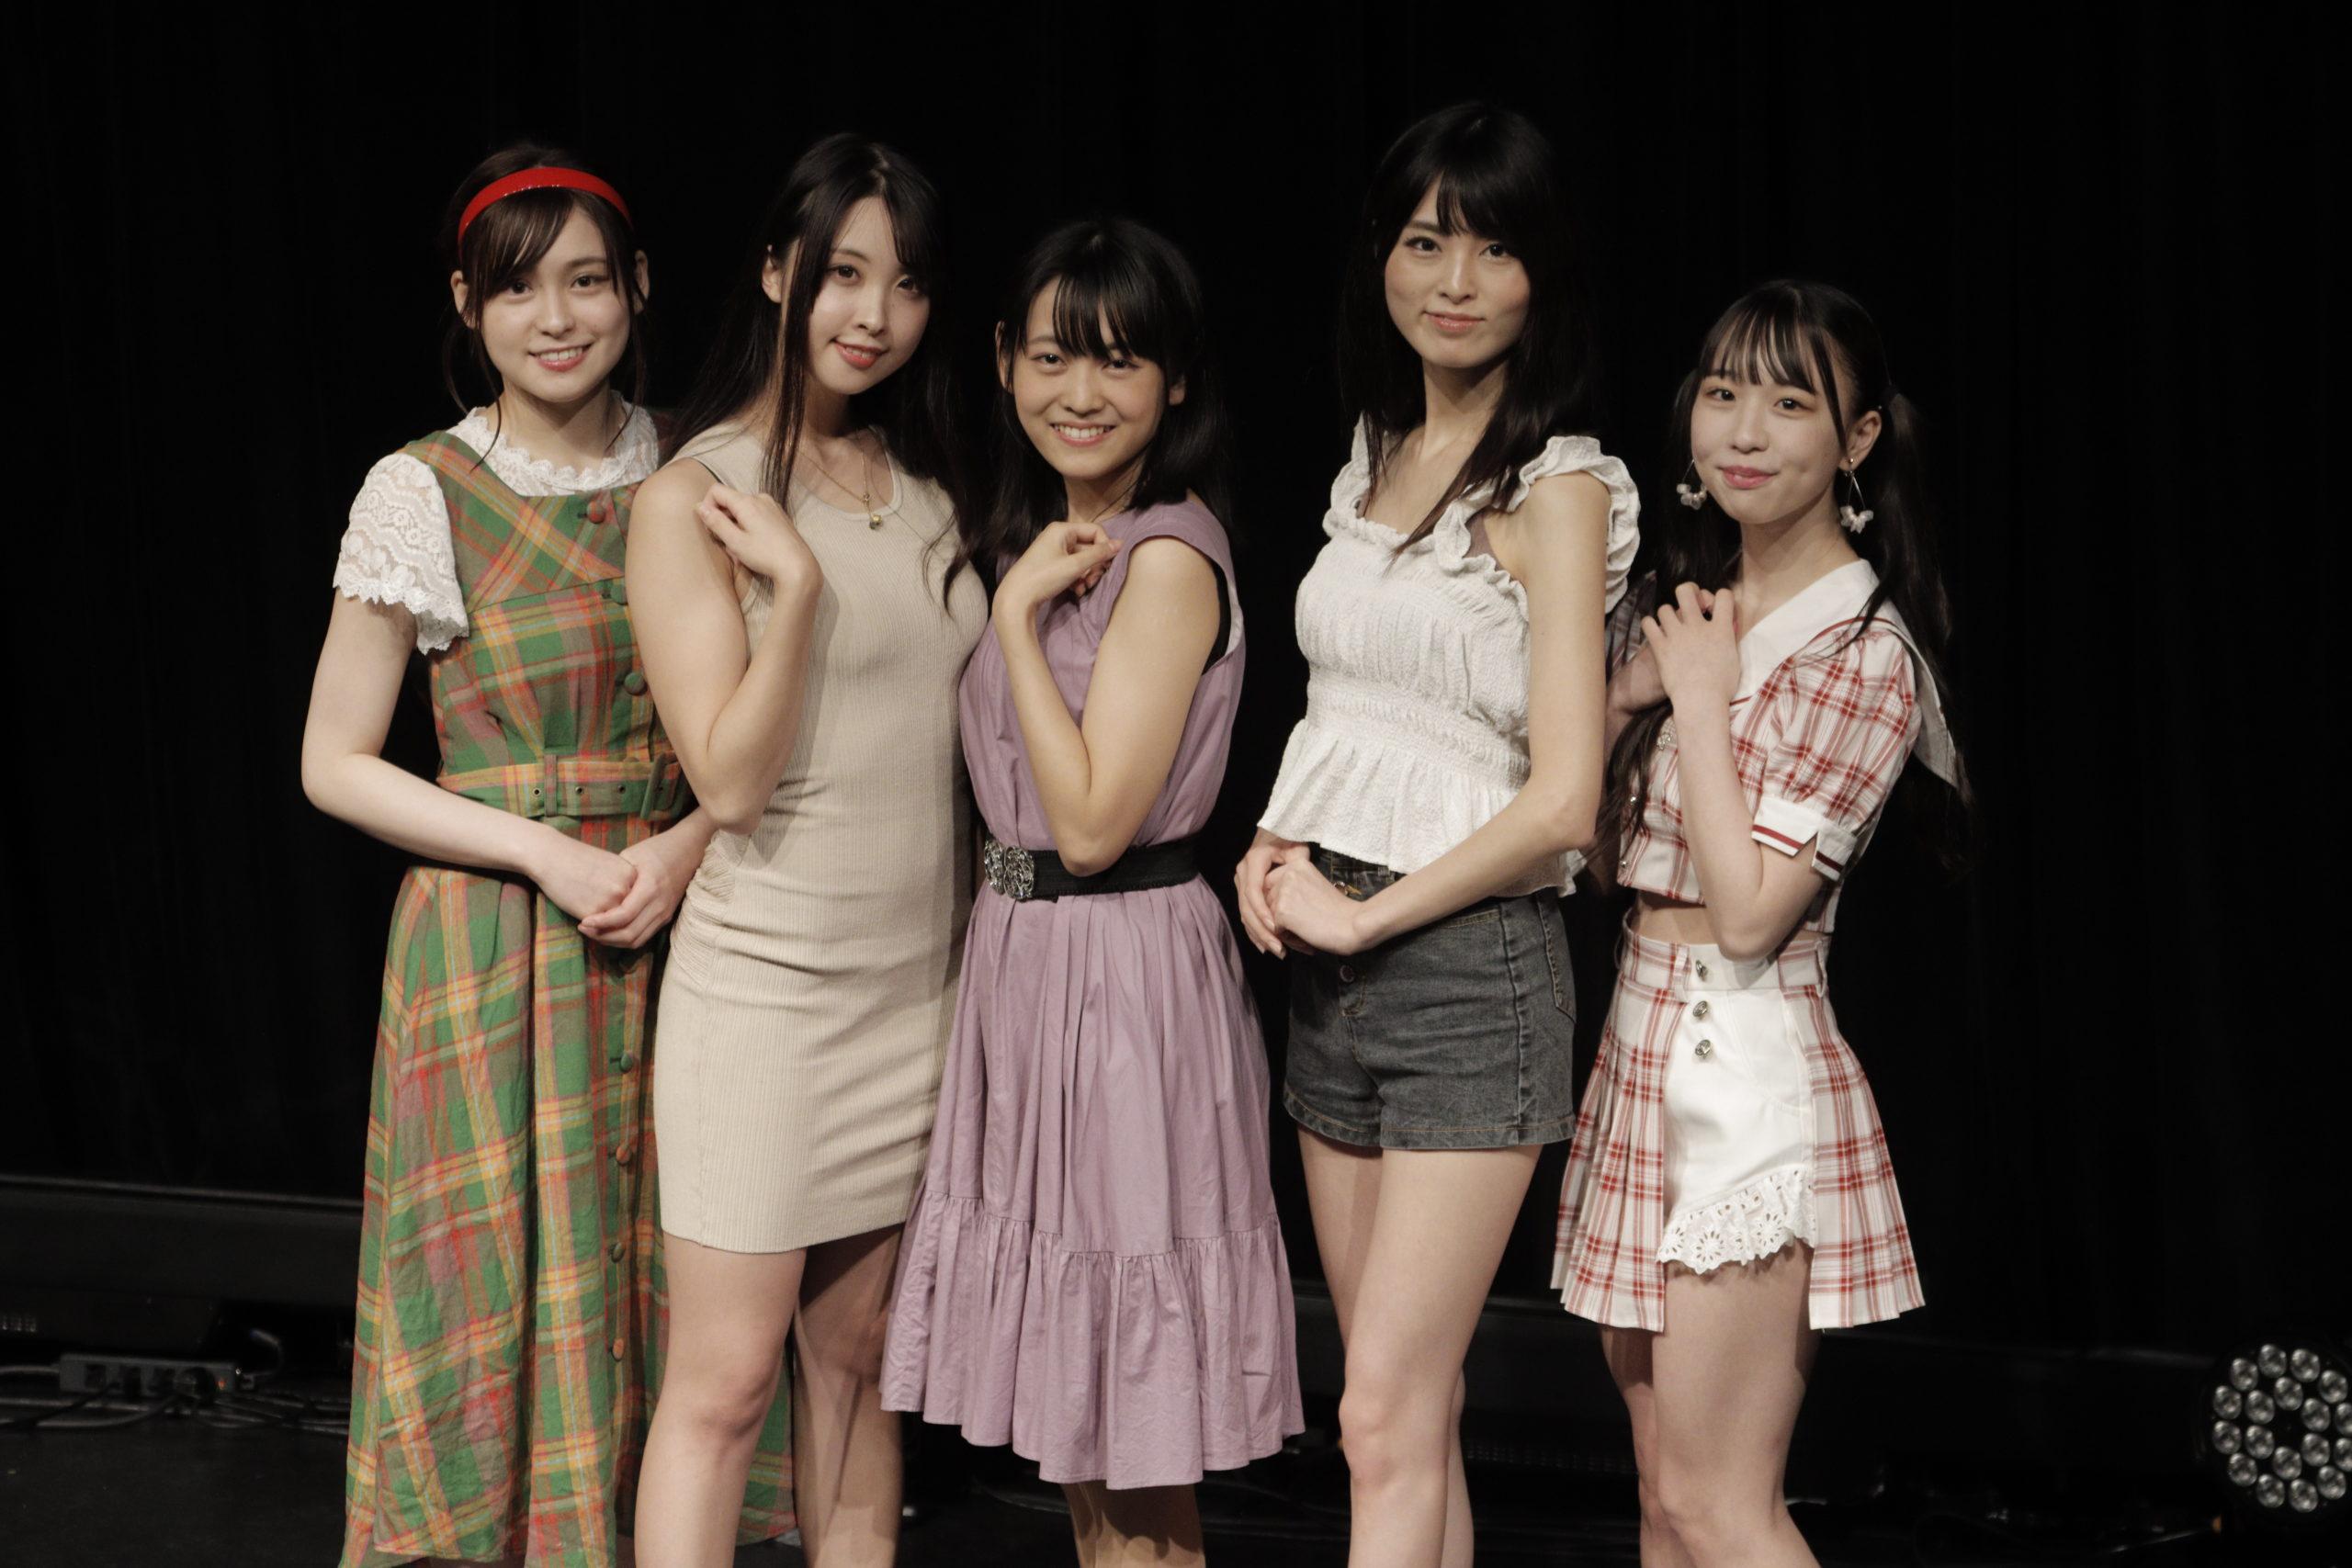 写真左より:ヲヲタリンリン、瀬戸ローズ、戸奈あゆみ、香月わかな、柳川みあ